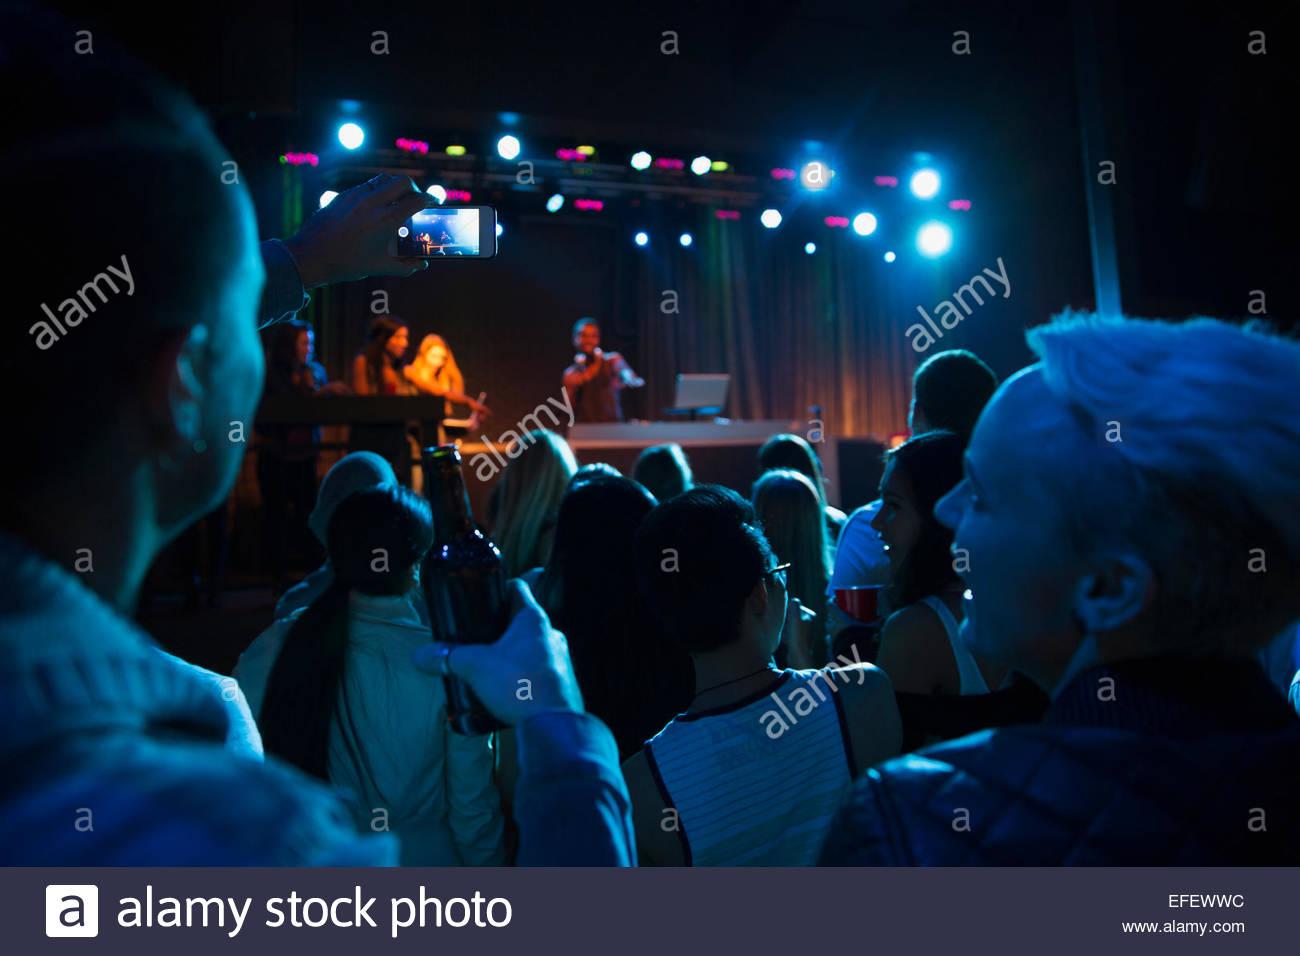 Dj stage crowd